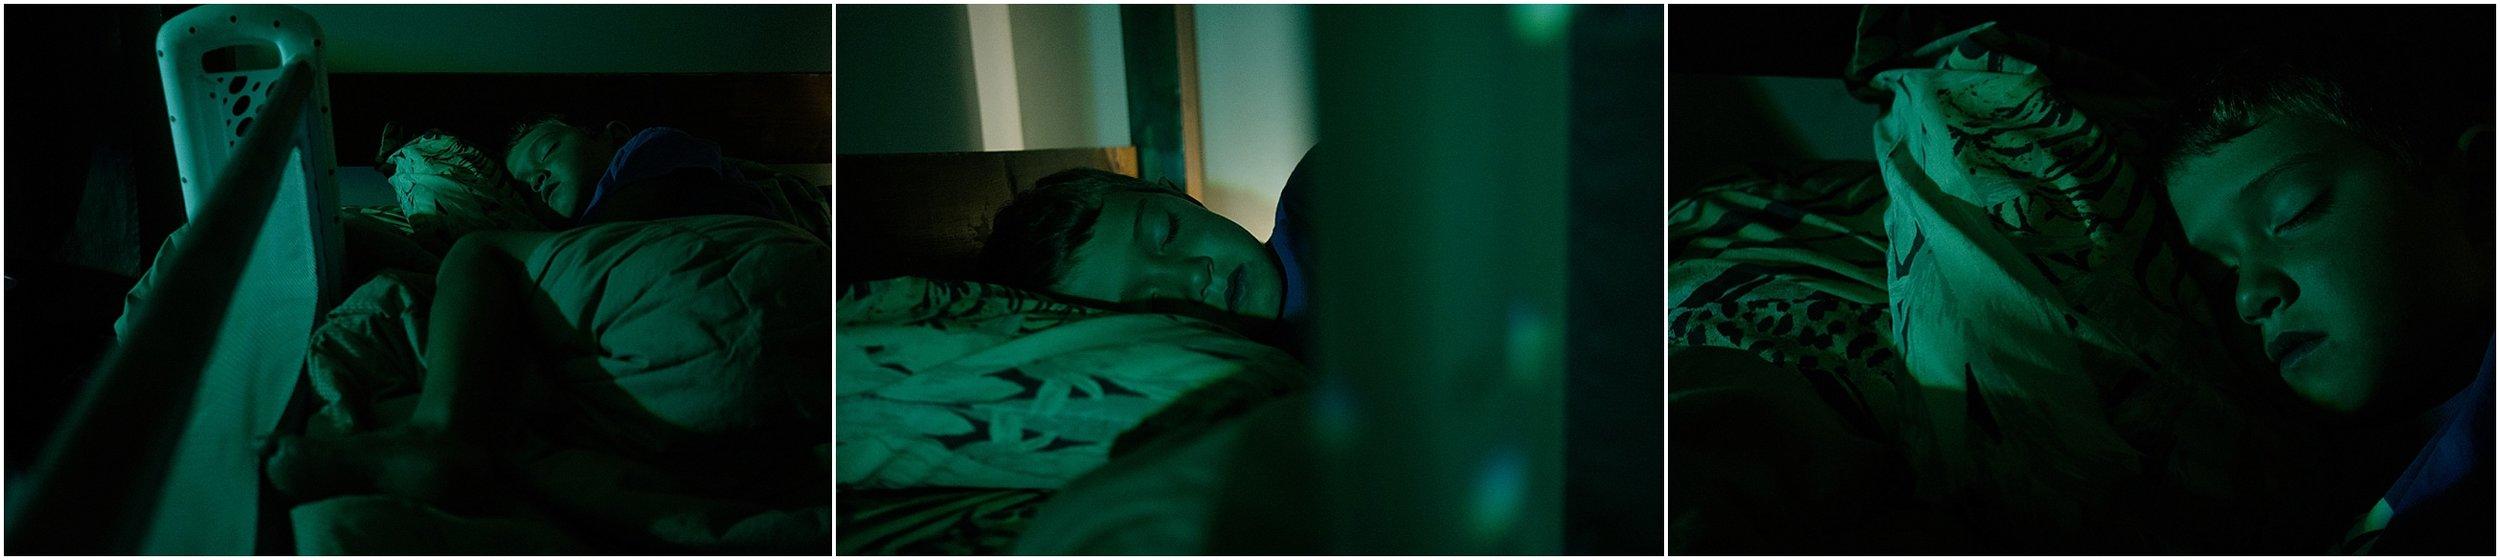 little boy sleeping in green light